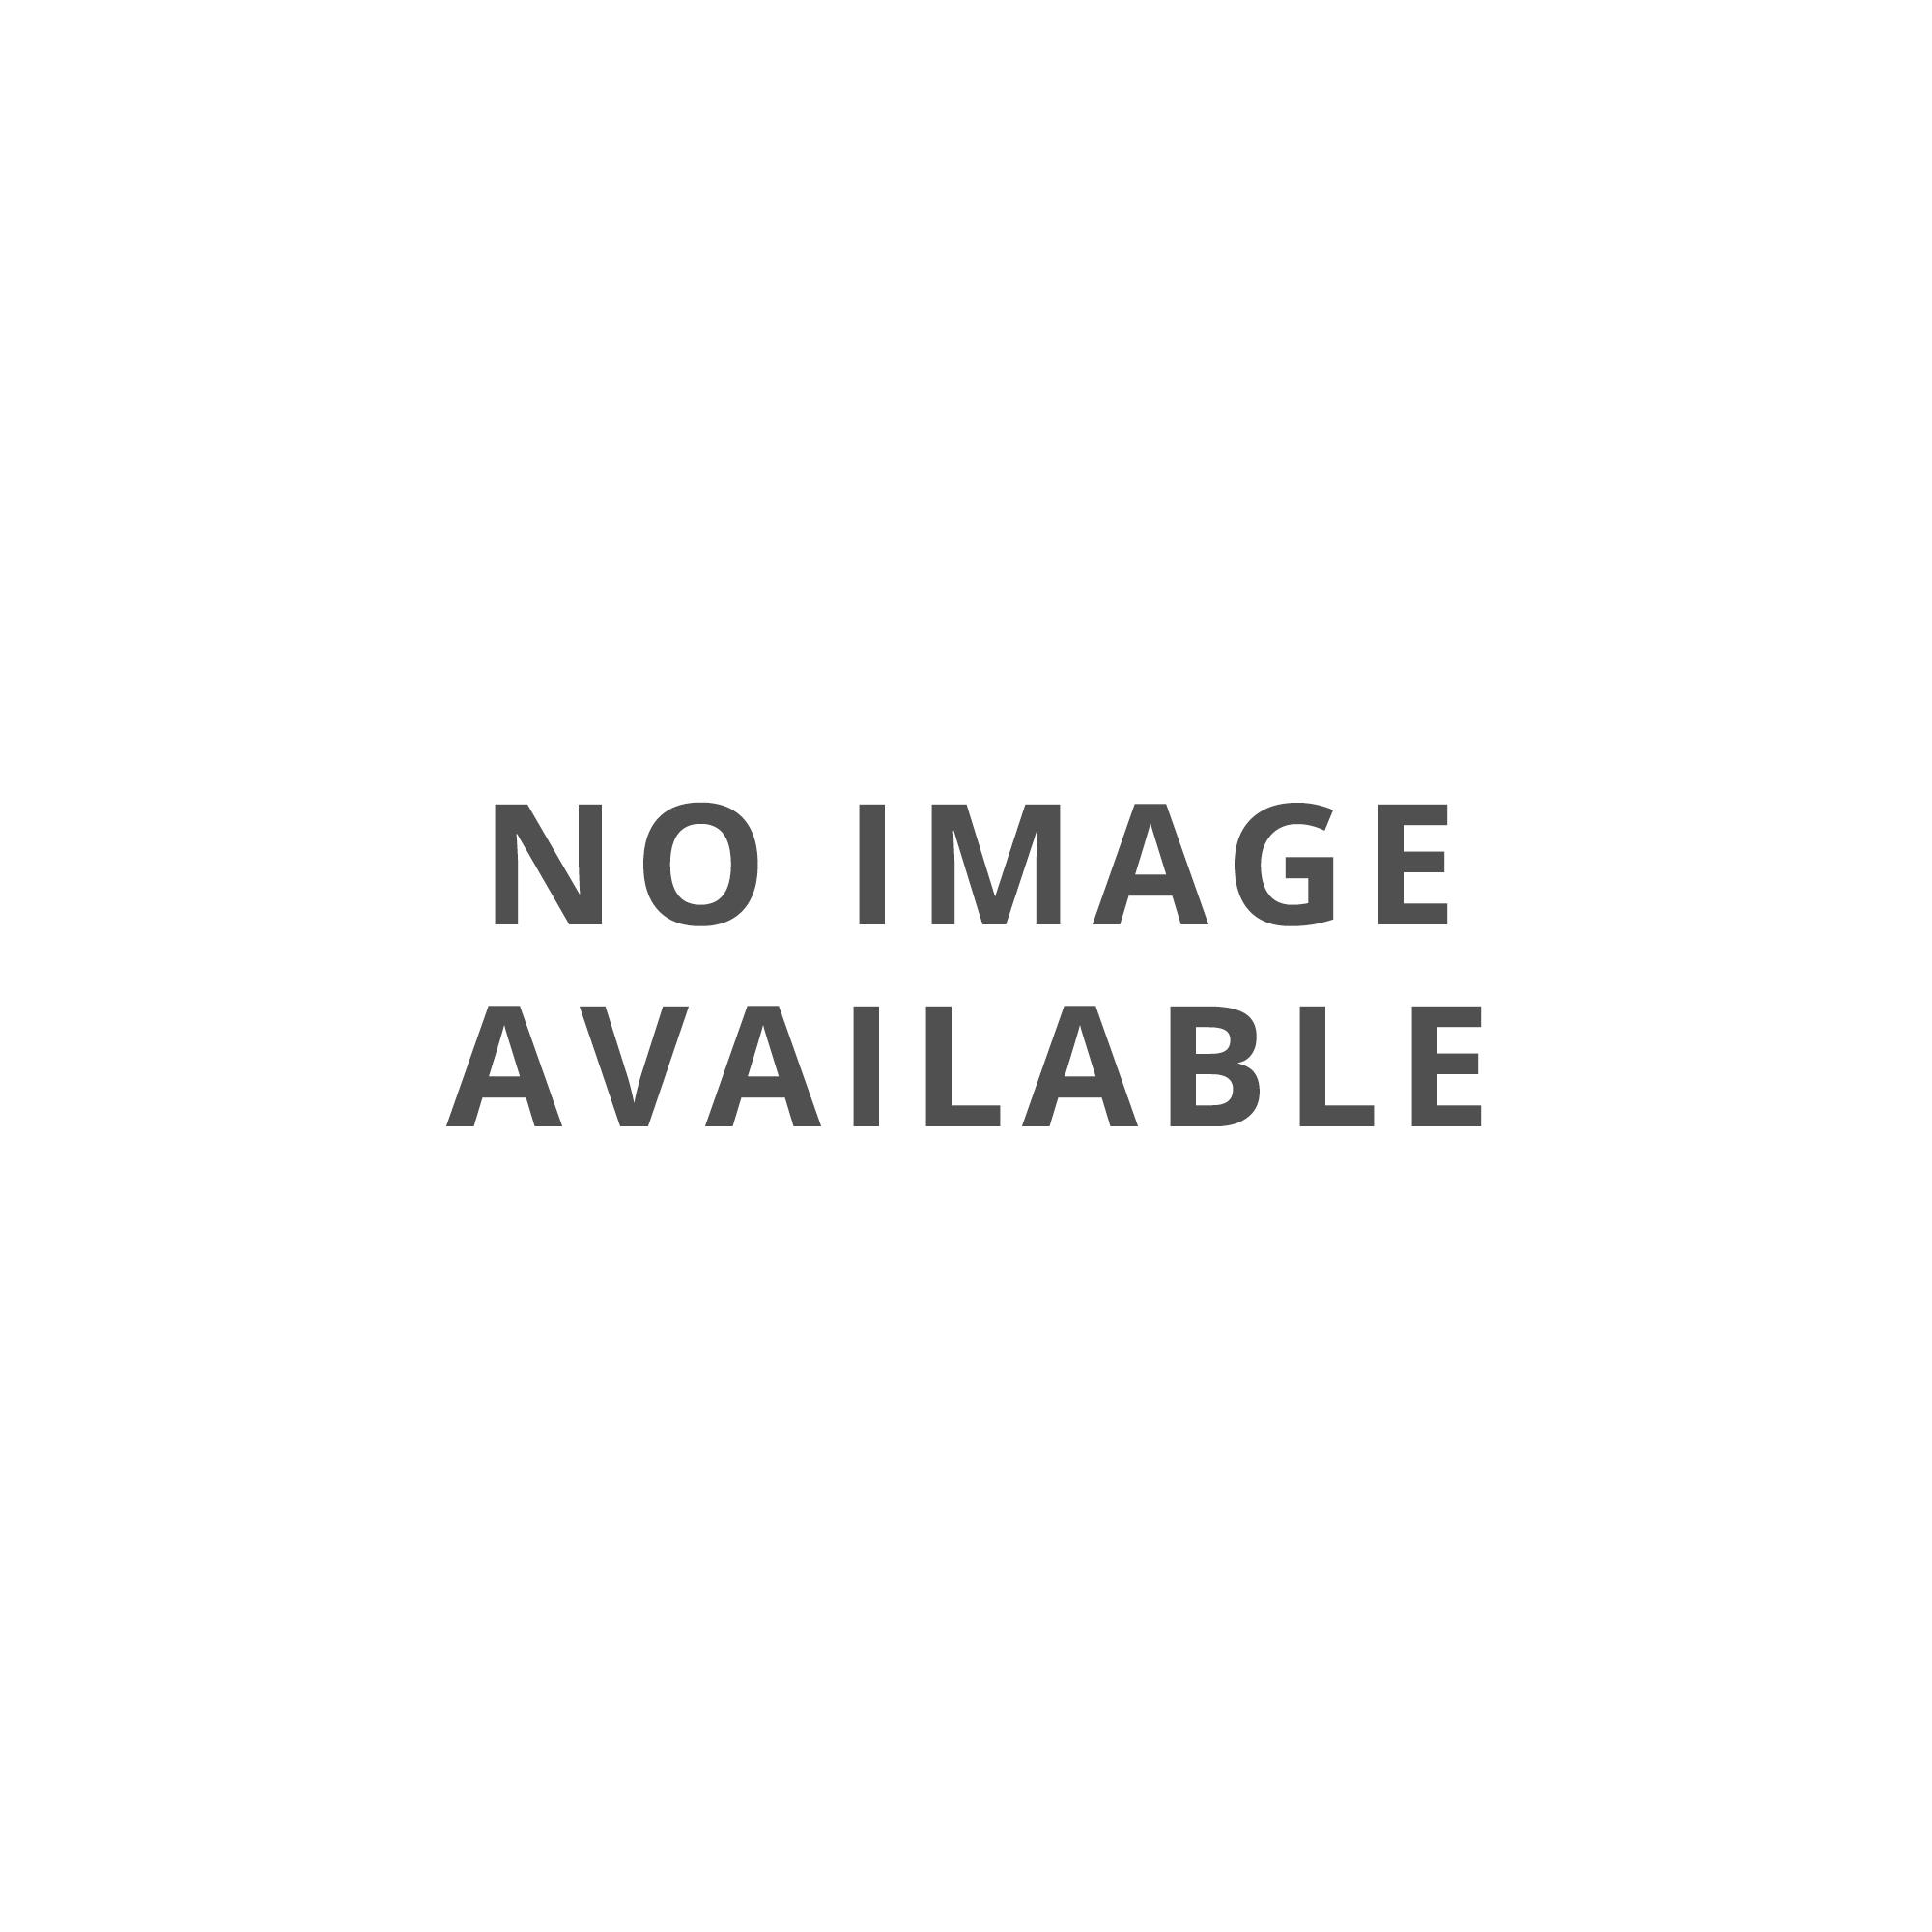 Cda Undermount Sink : CDA 1.0 Bowl Stainless Steel Undermount Kitchen Sink KCC21 - CDA from ...